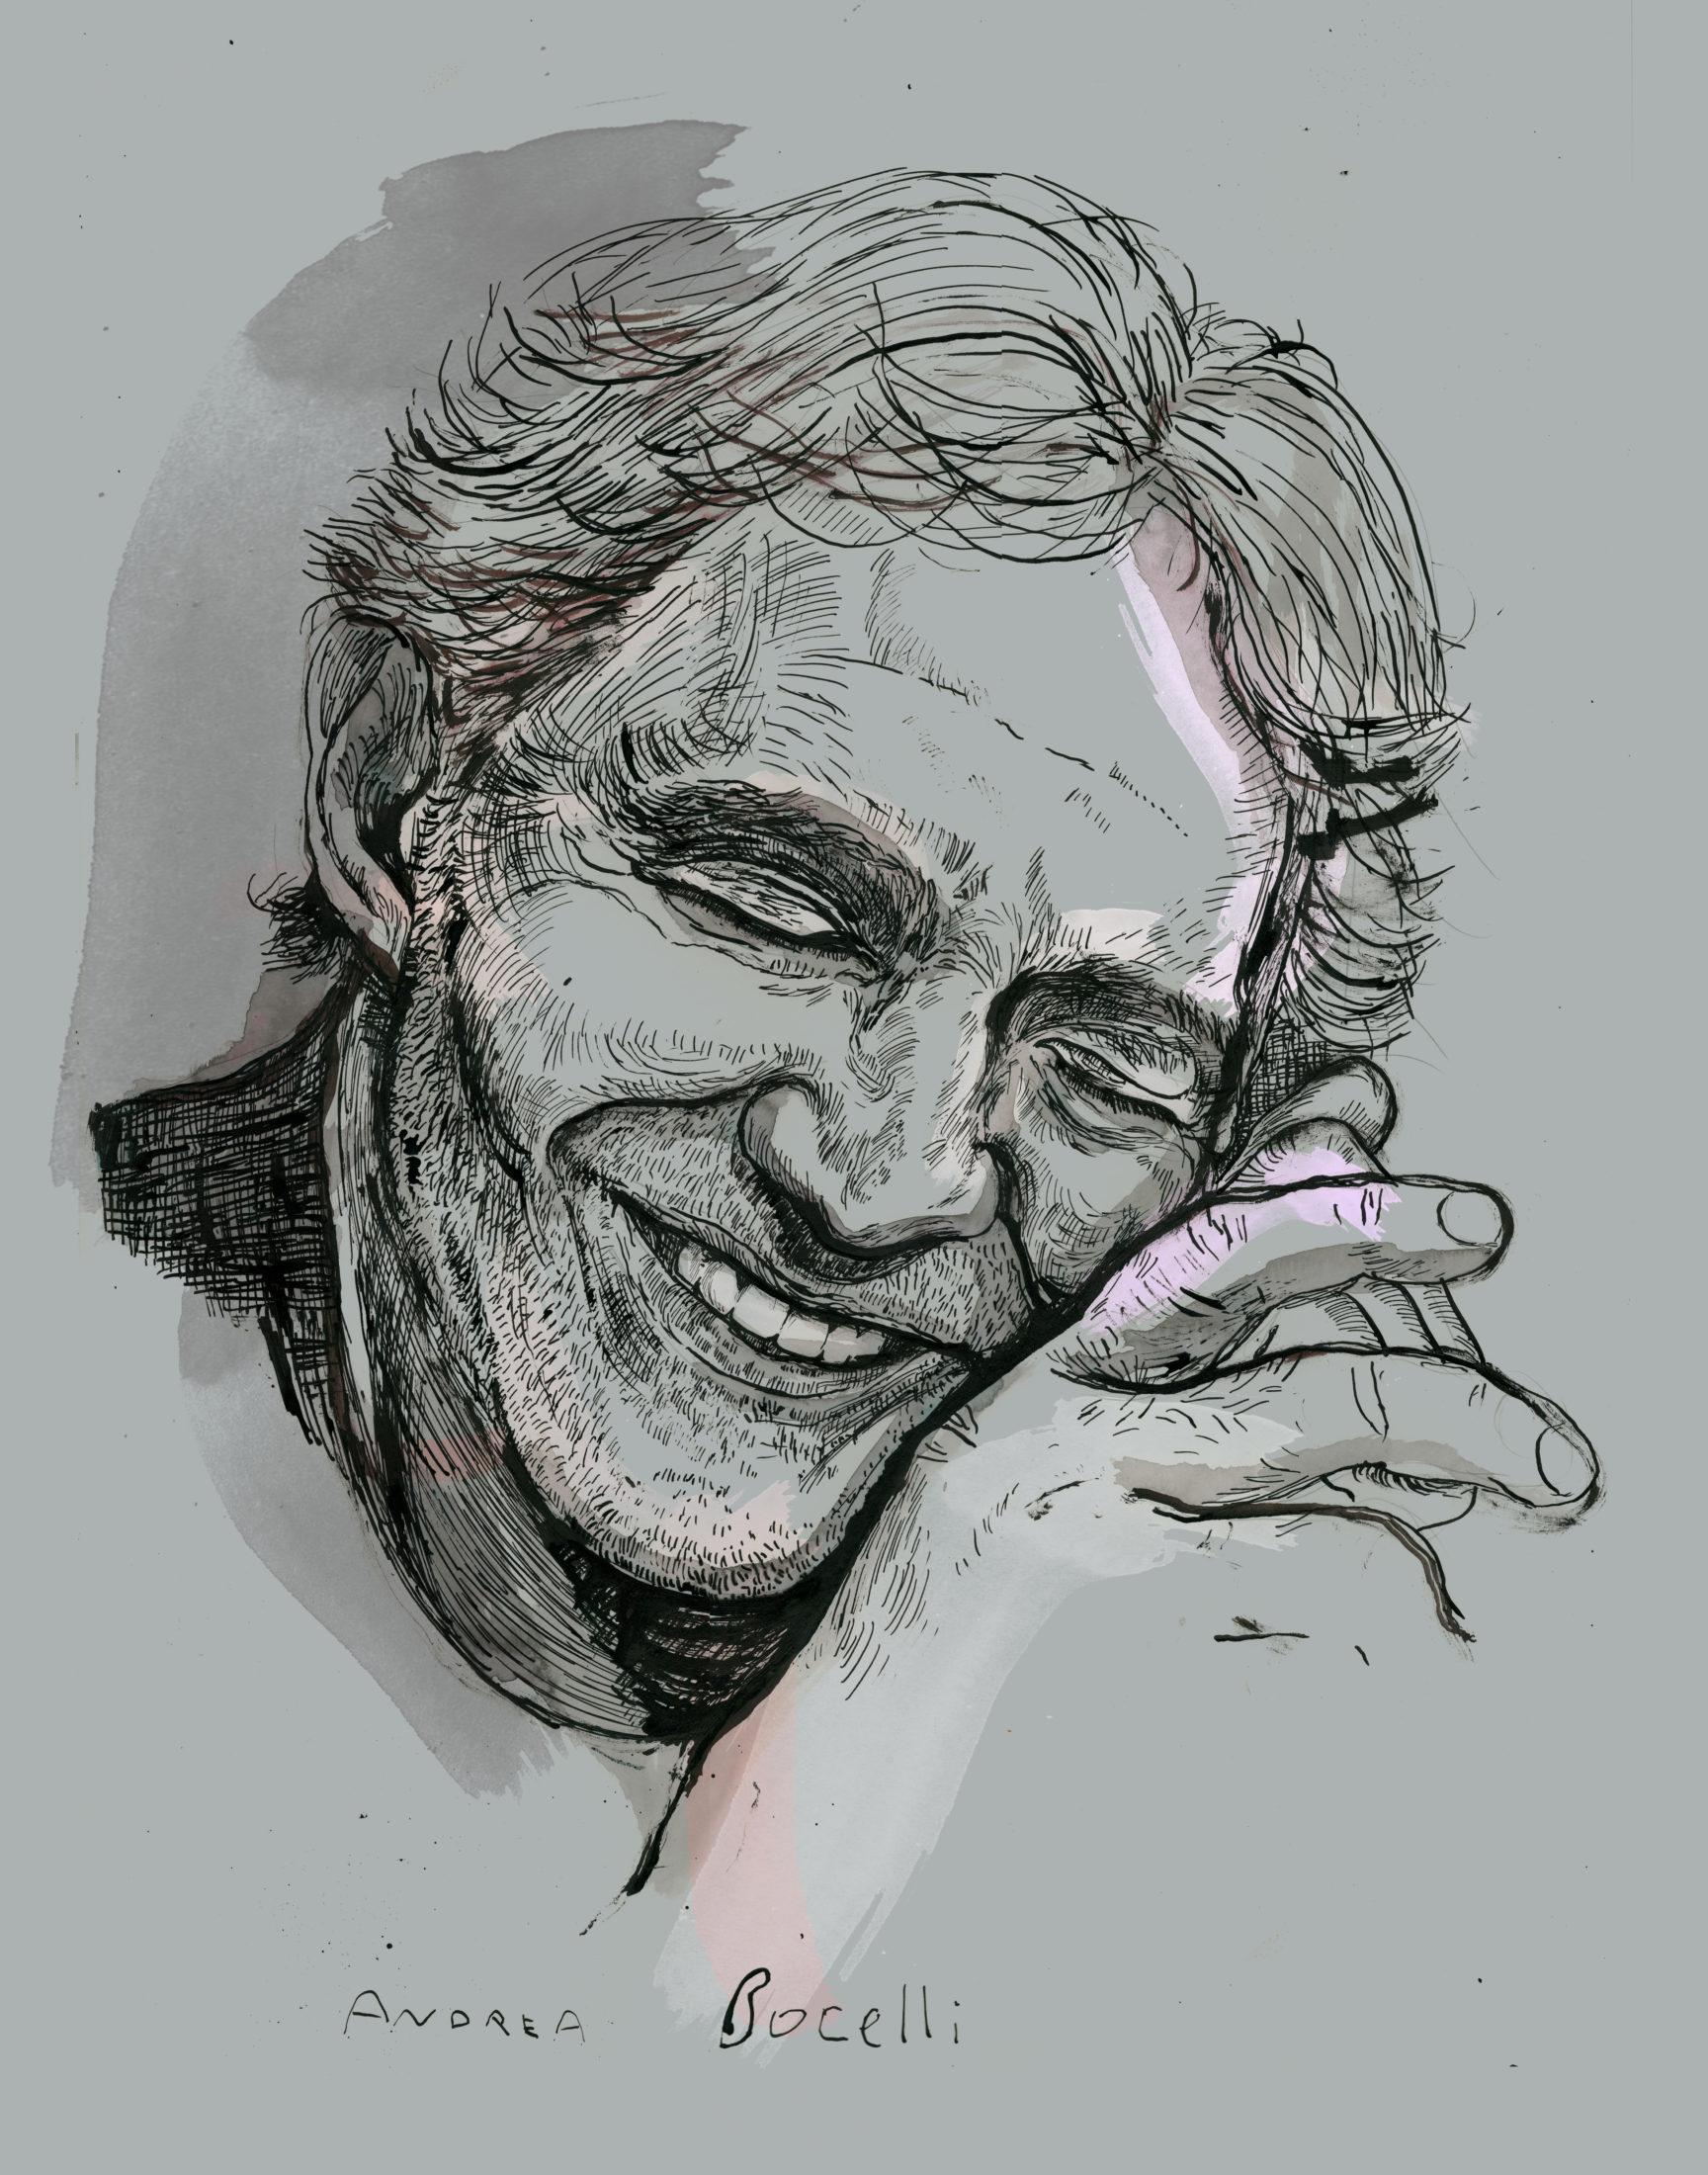 ARTWORK: PATRICK MORGAN